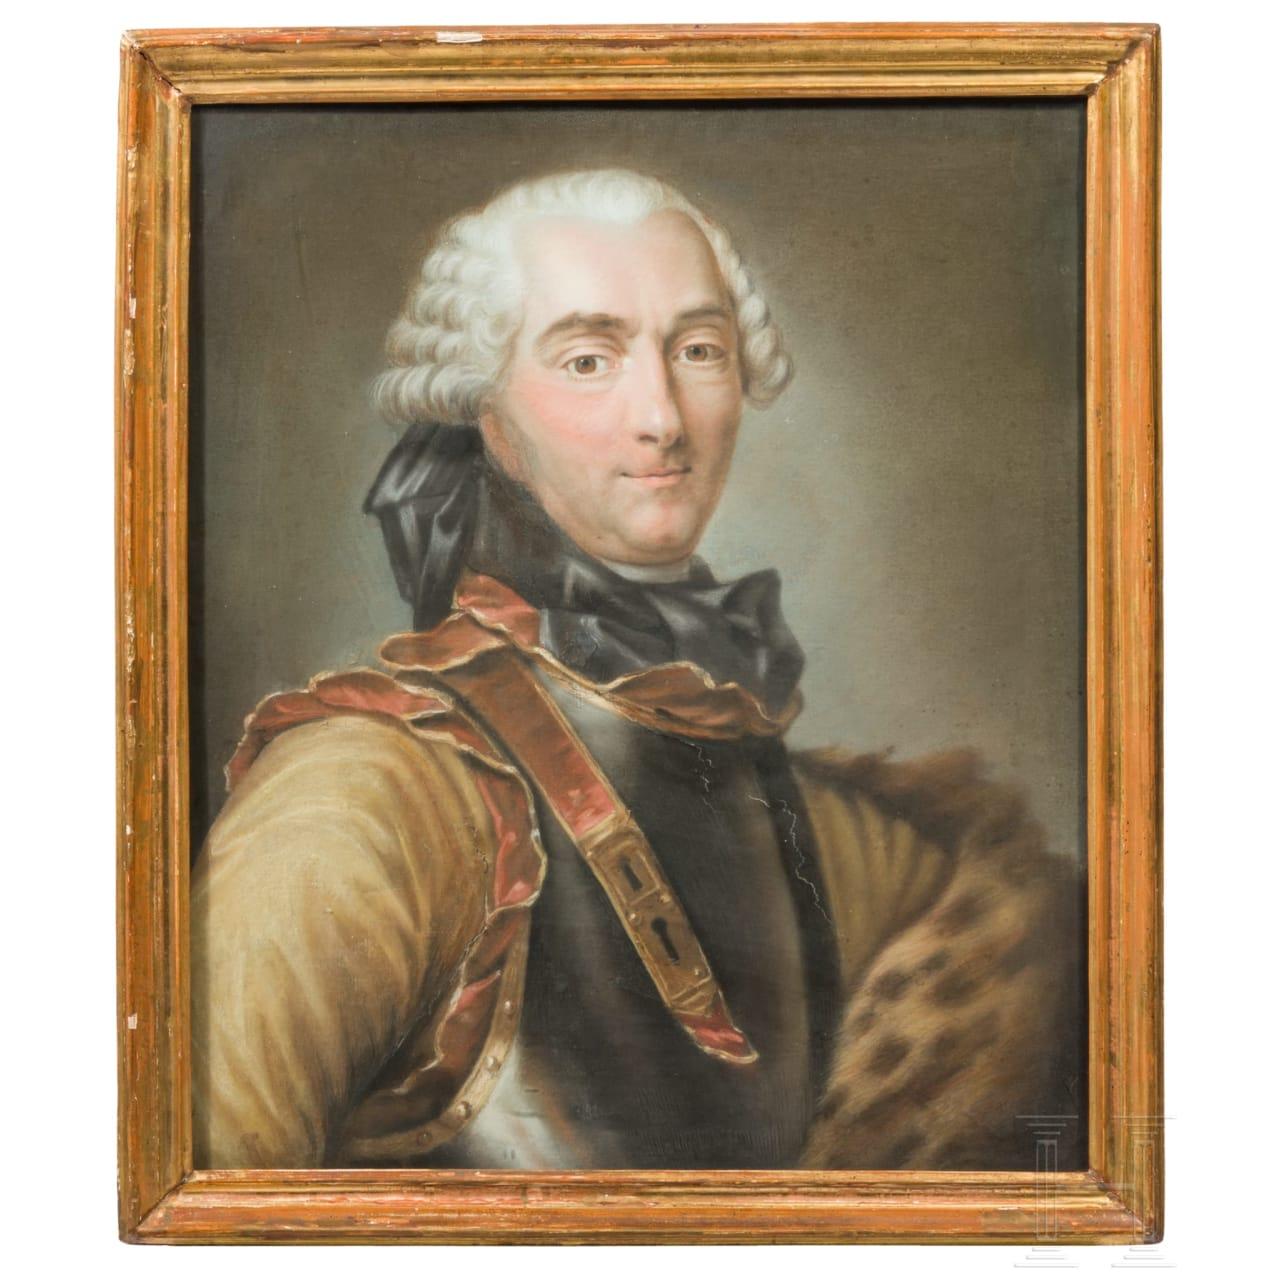 A portrait of Charles Louis Auguste Fouquet, Duc de Belle-Isle (1684-1761), 18th century